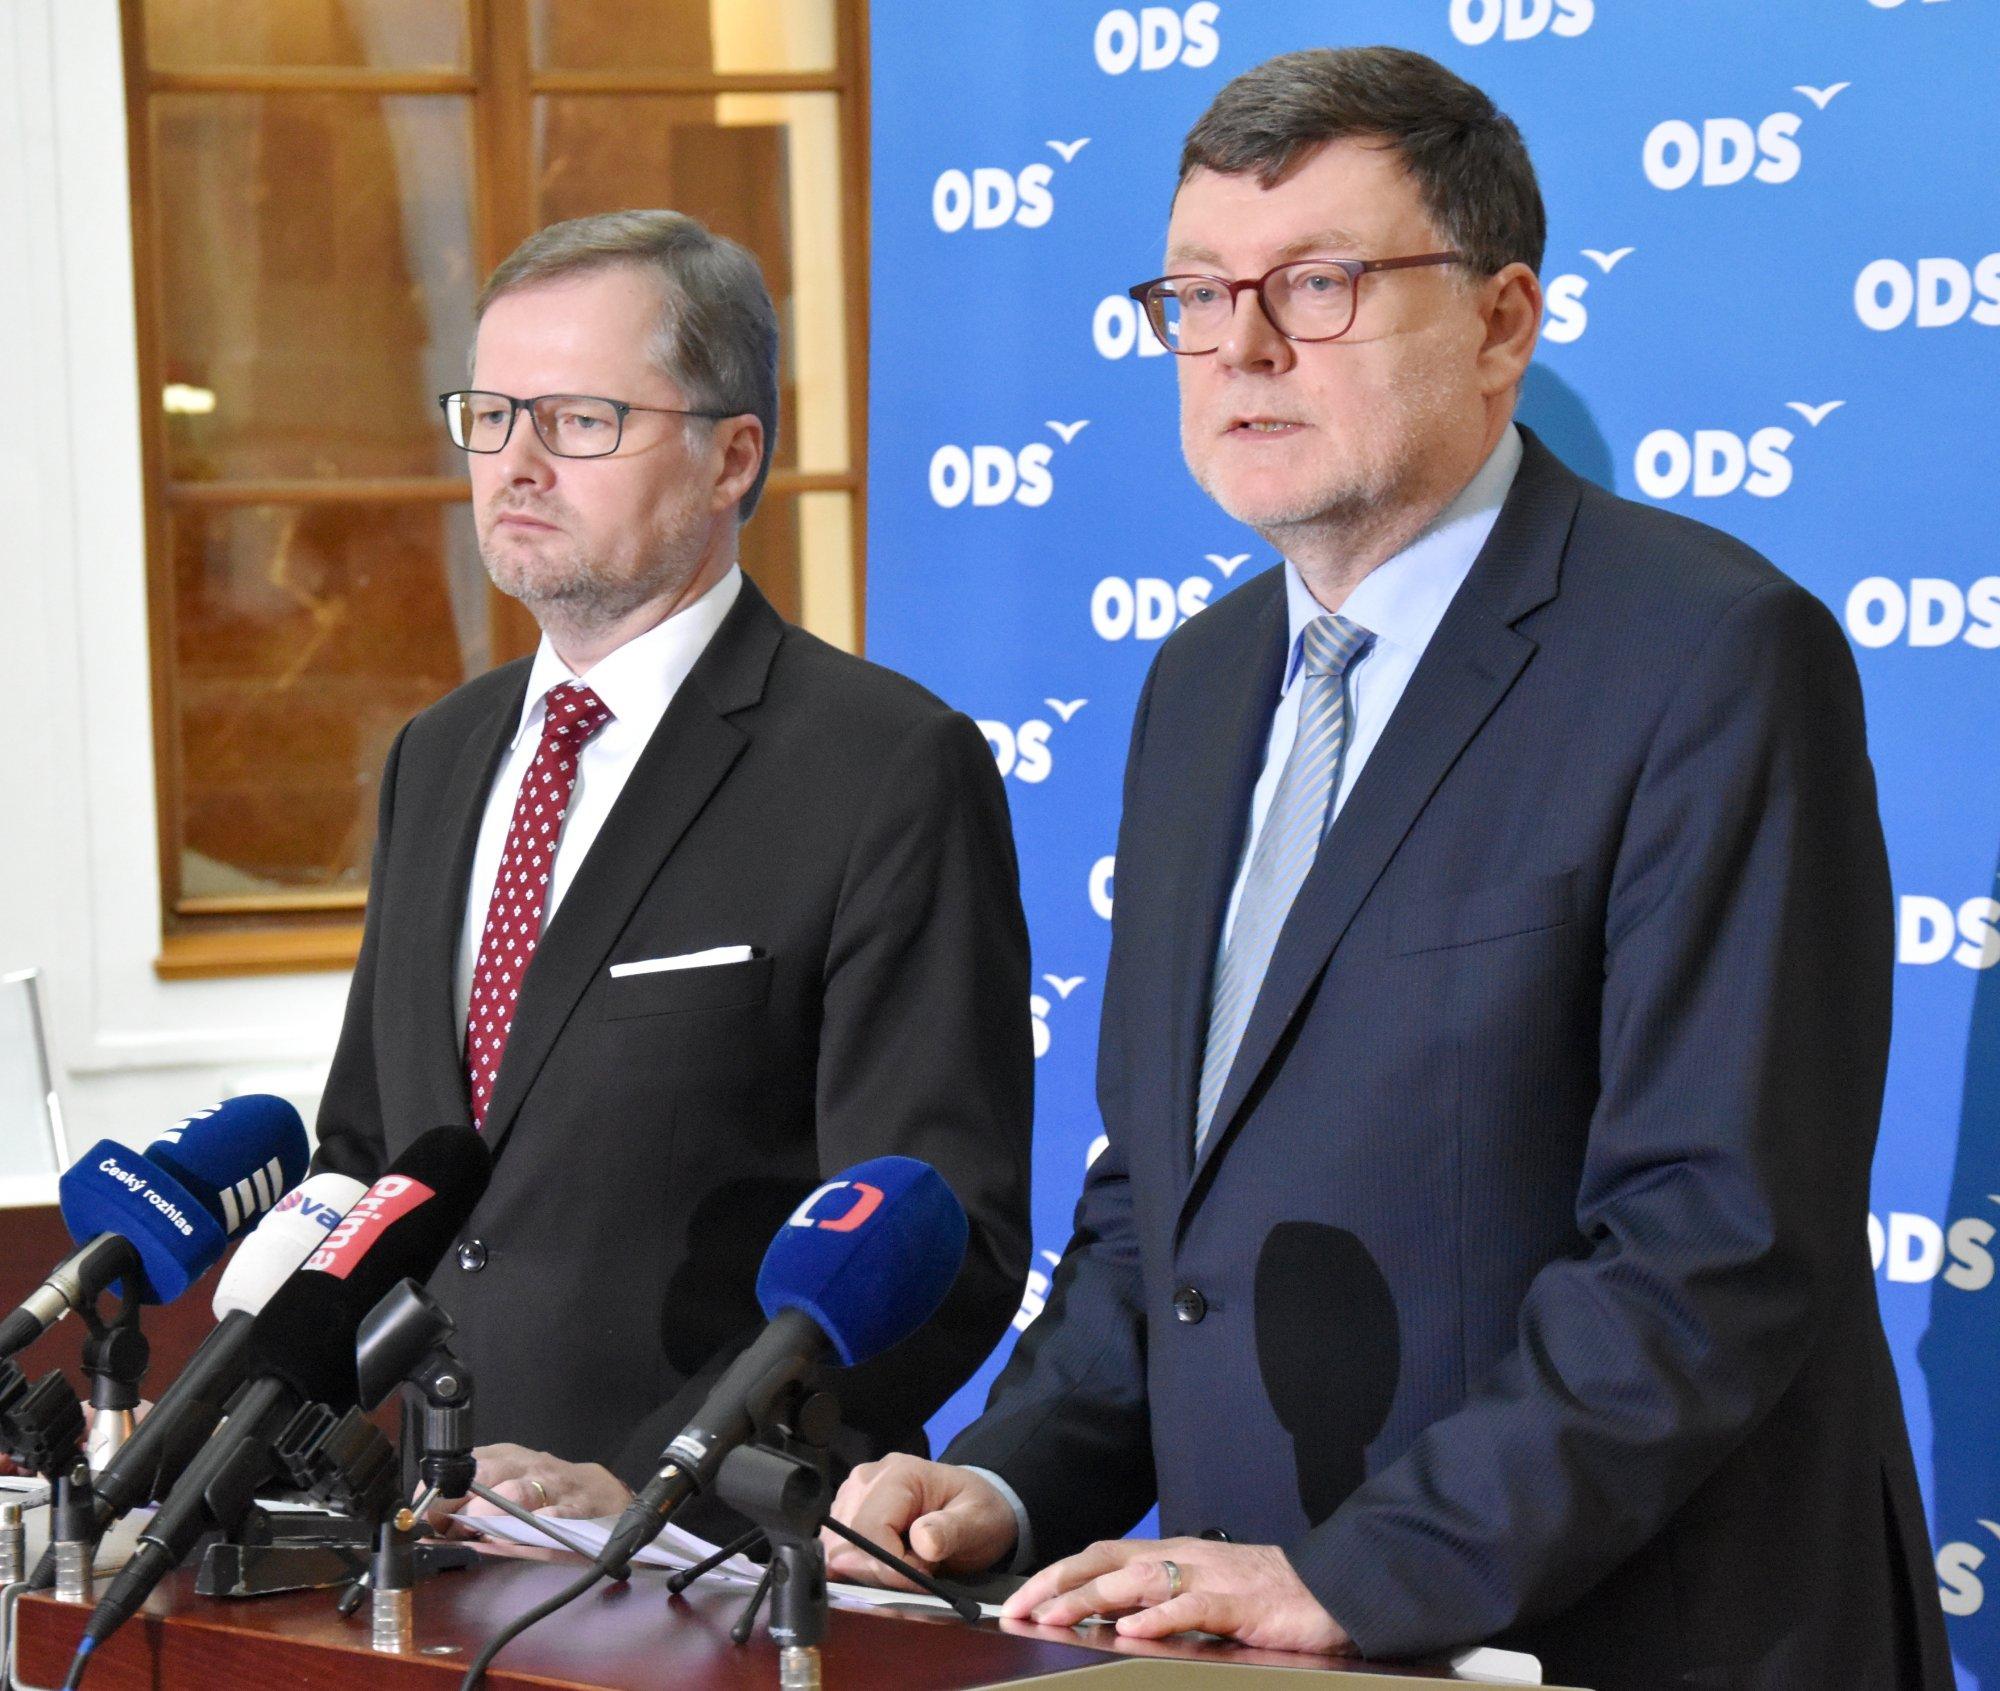 ODS apeluje na rozšíření ekonomické pomoci